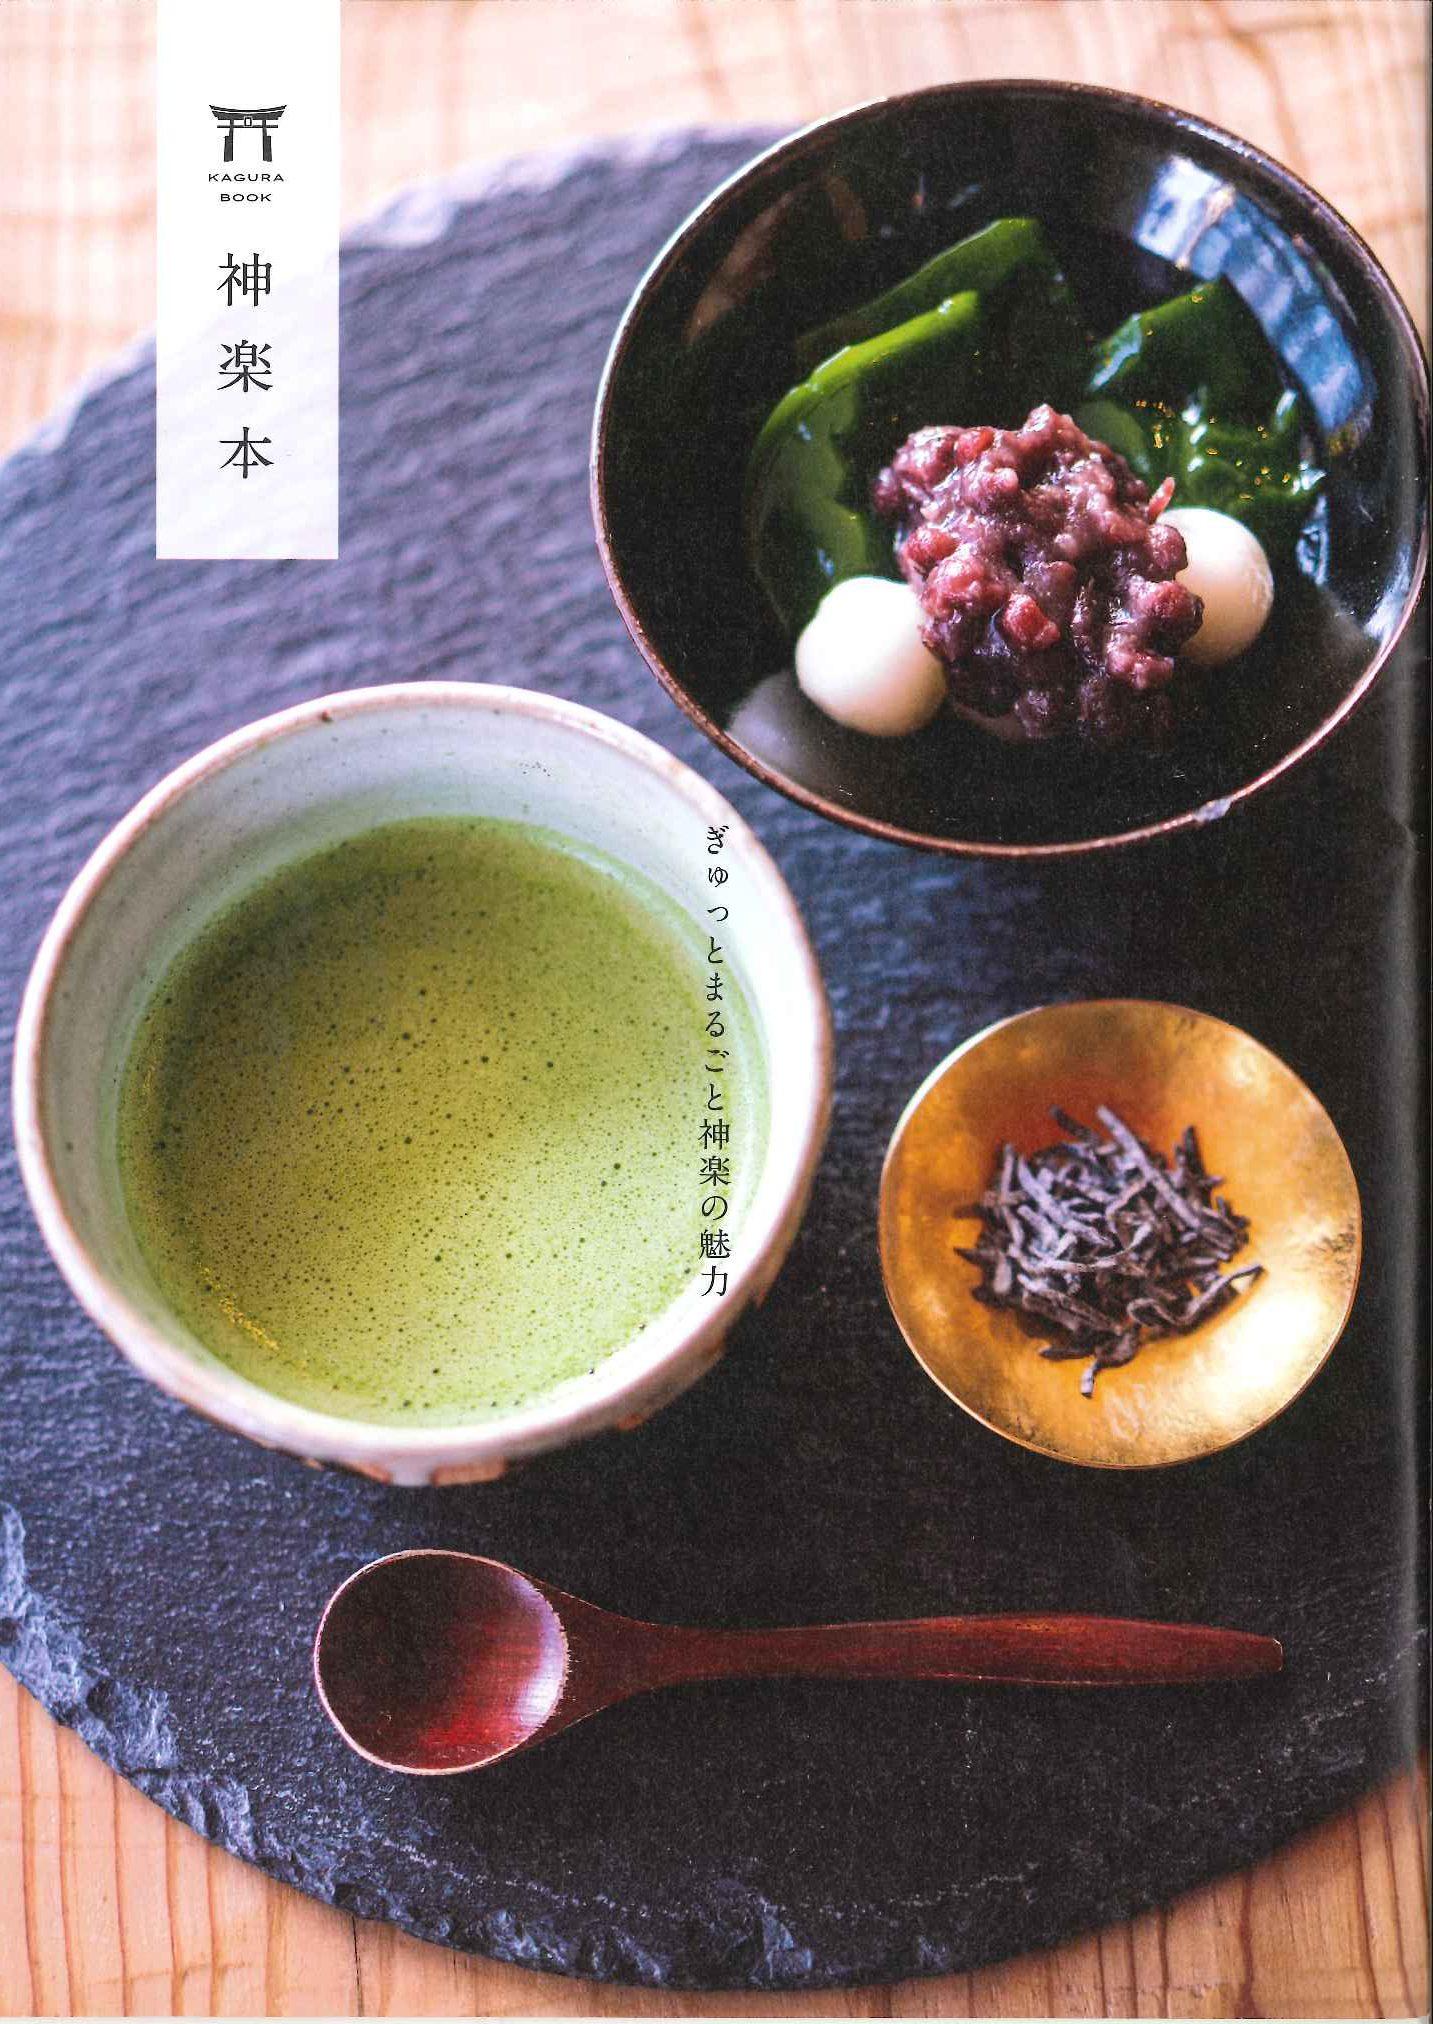 「神楽本」に弊社神楽本店が掲載されています。